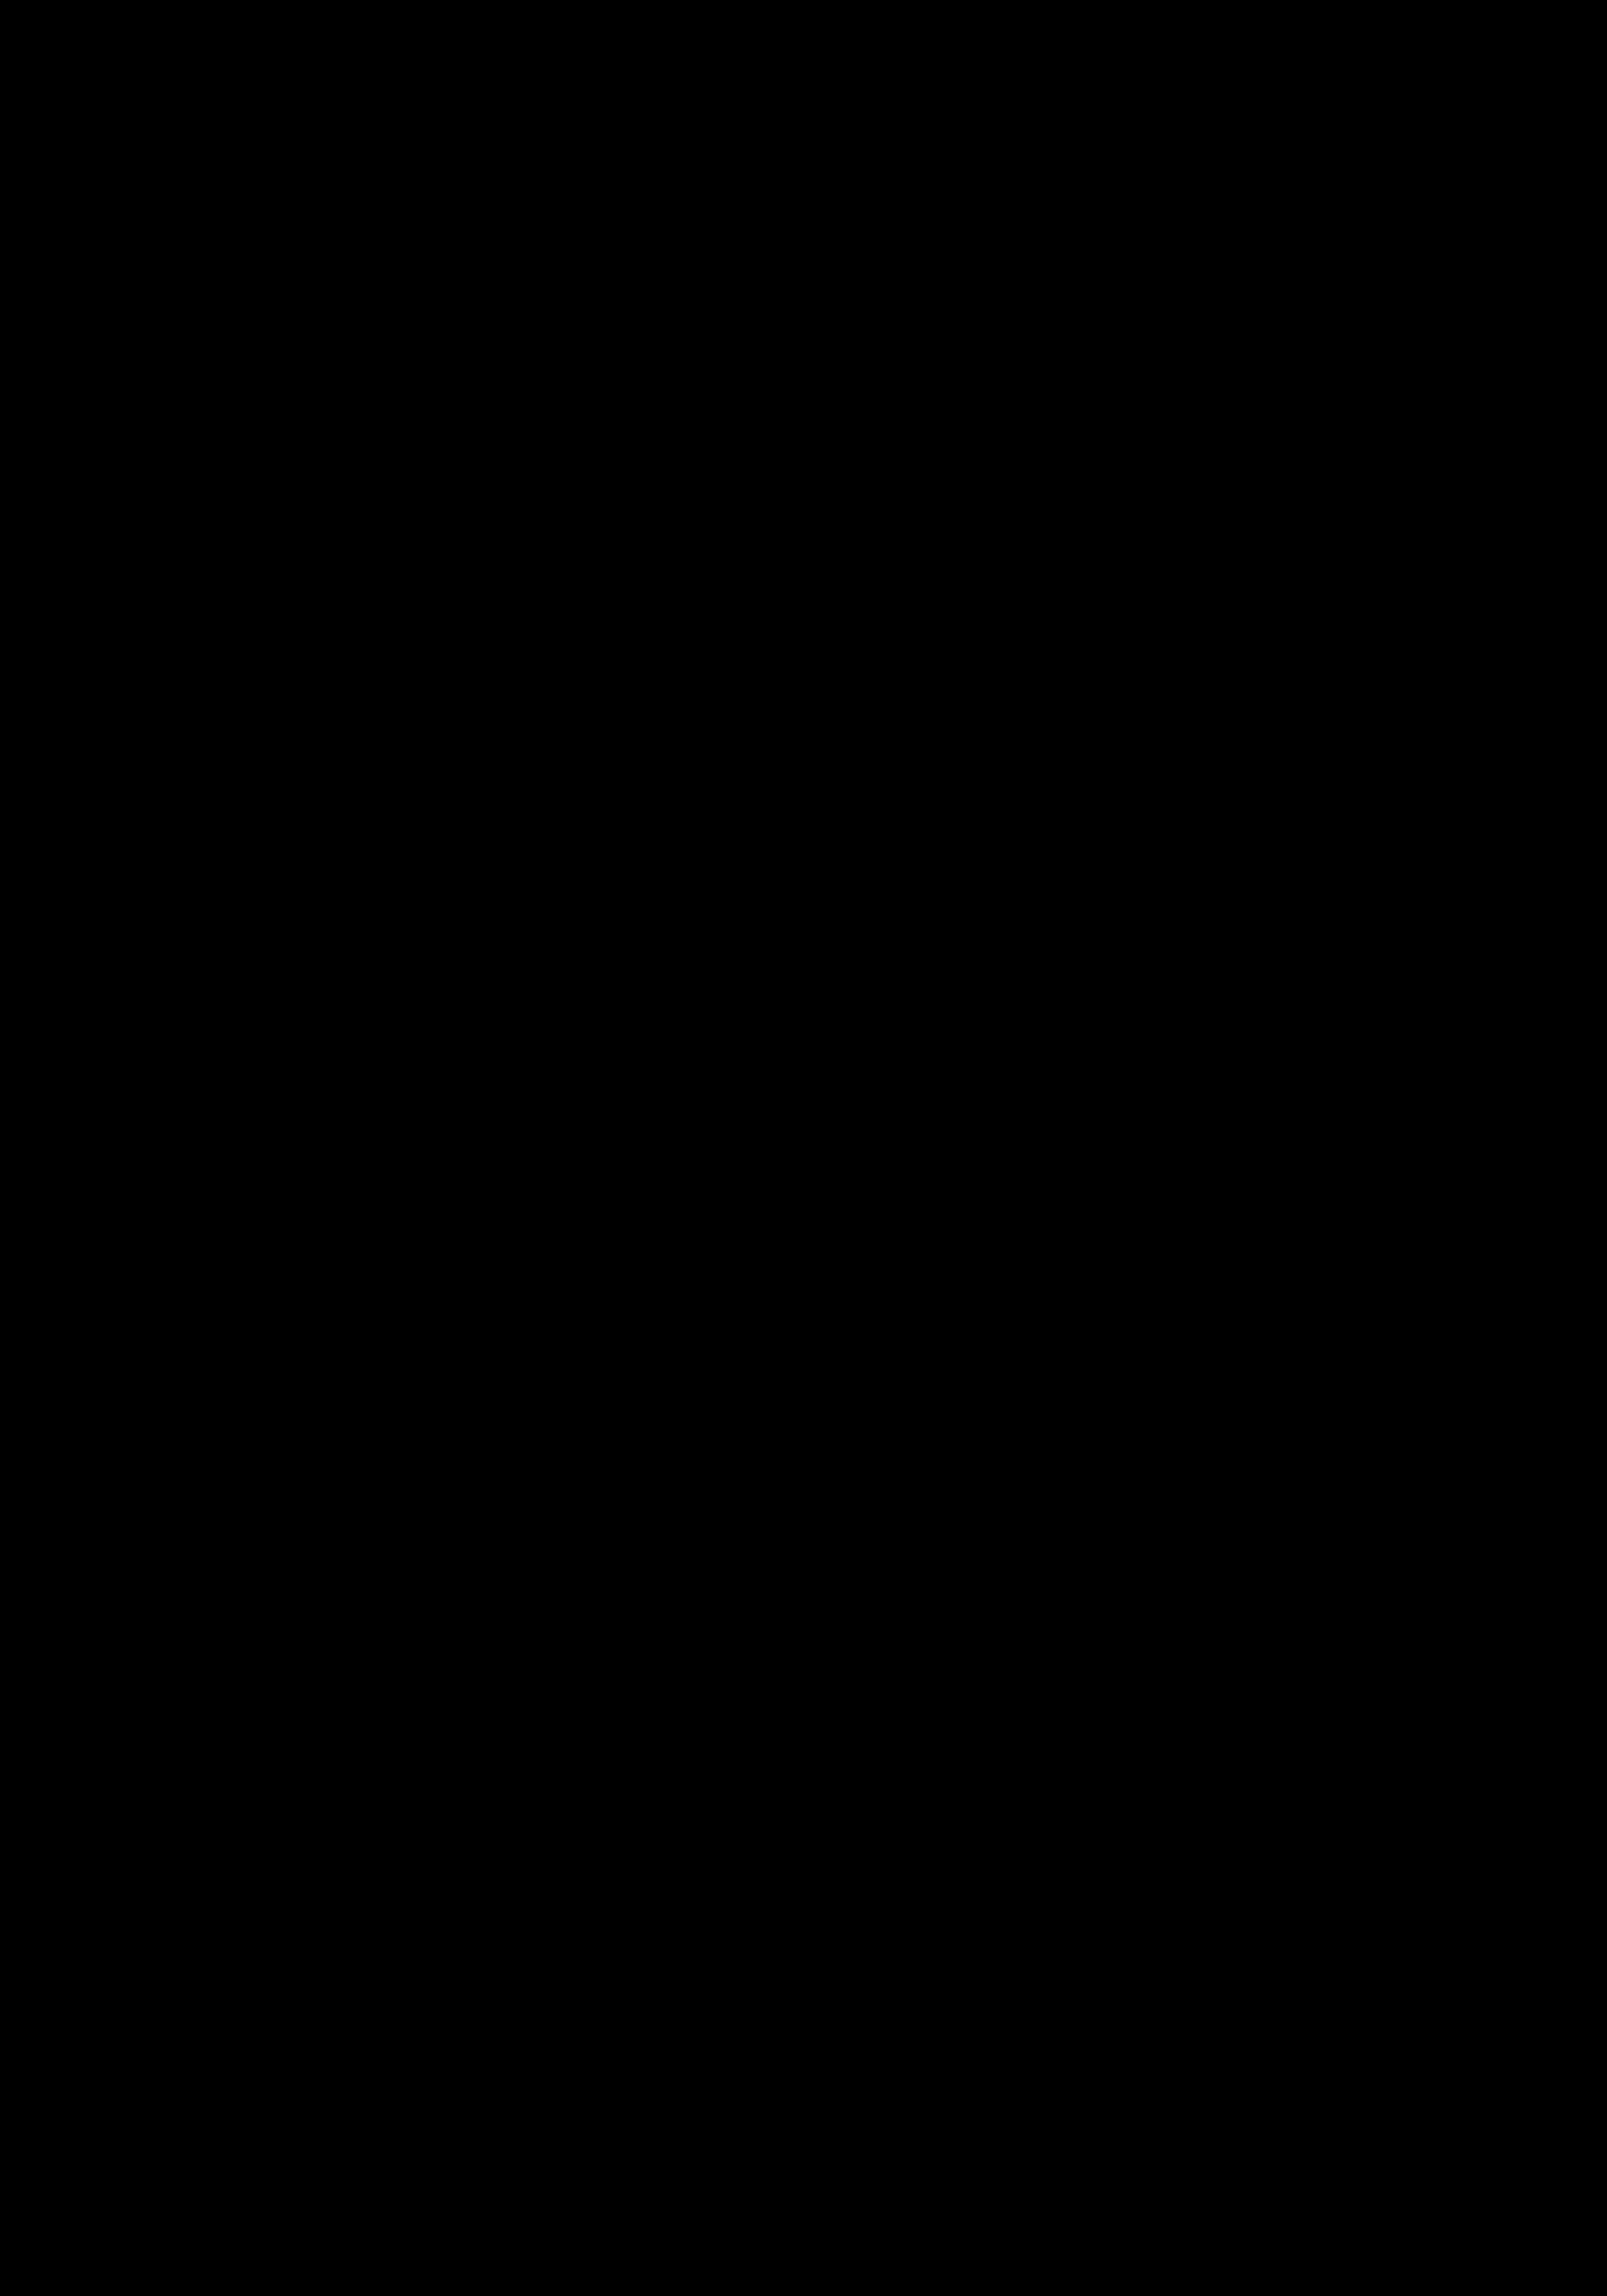 Mapa de la Comunidad Valenciana 2010